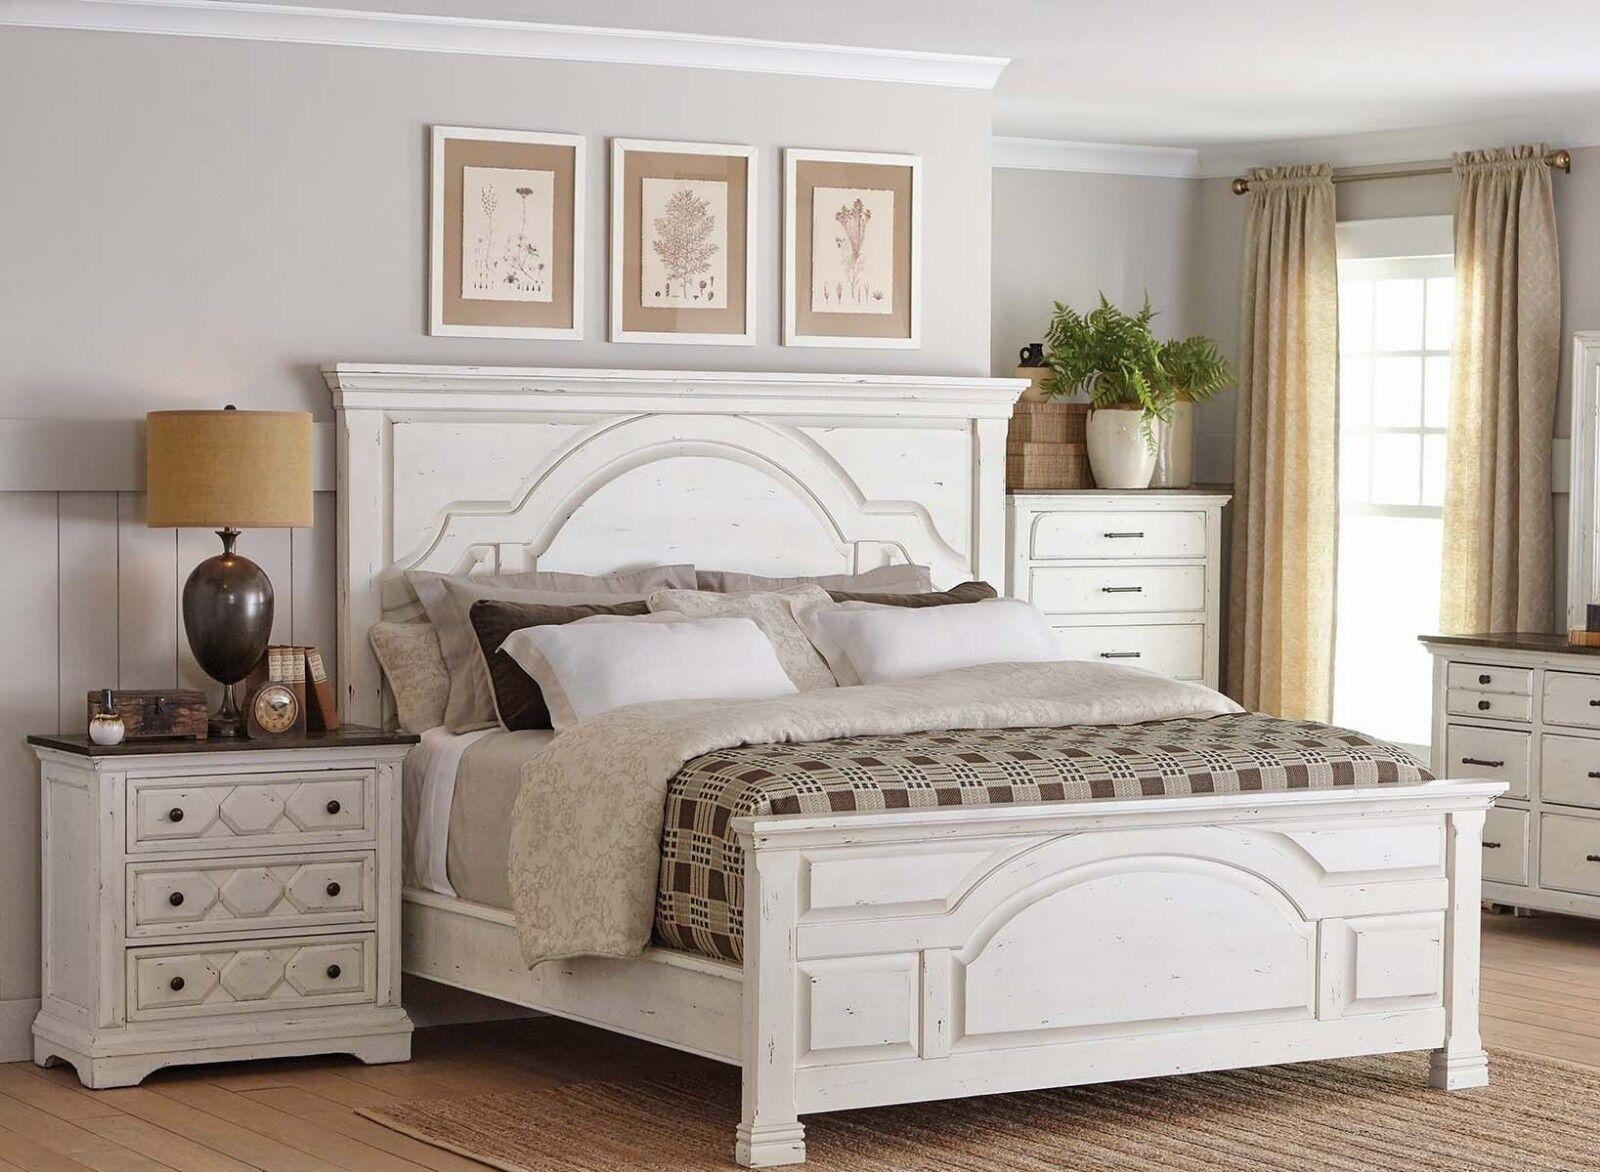 RUSTIC 4 PC WHITE WOOD QUEEN BED NIGHTSTAND DRESSER MIRROR BEDROOM  FURNITURE SET